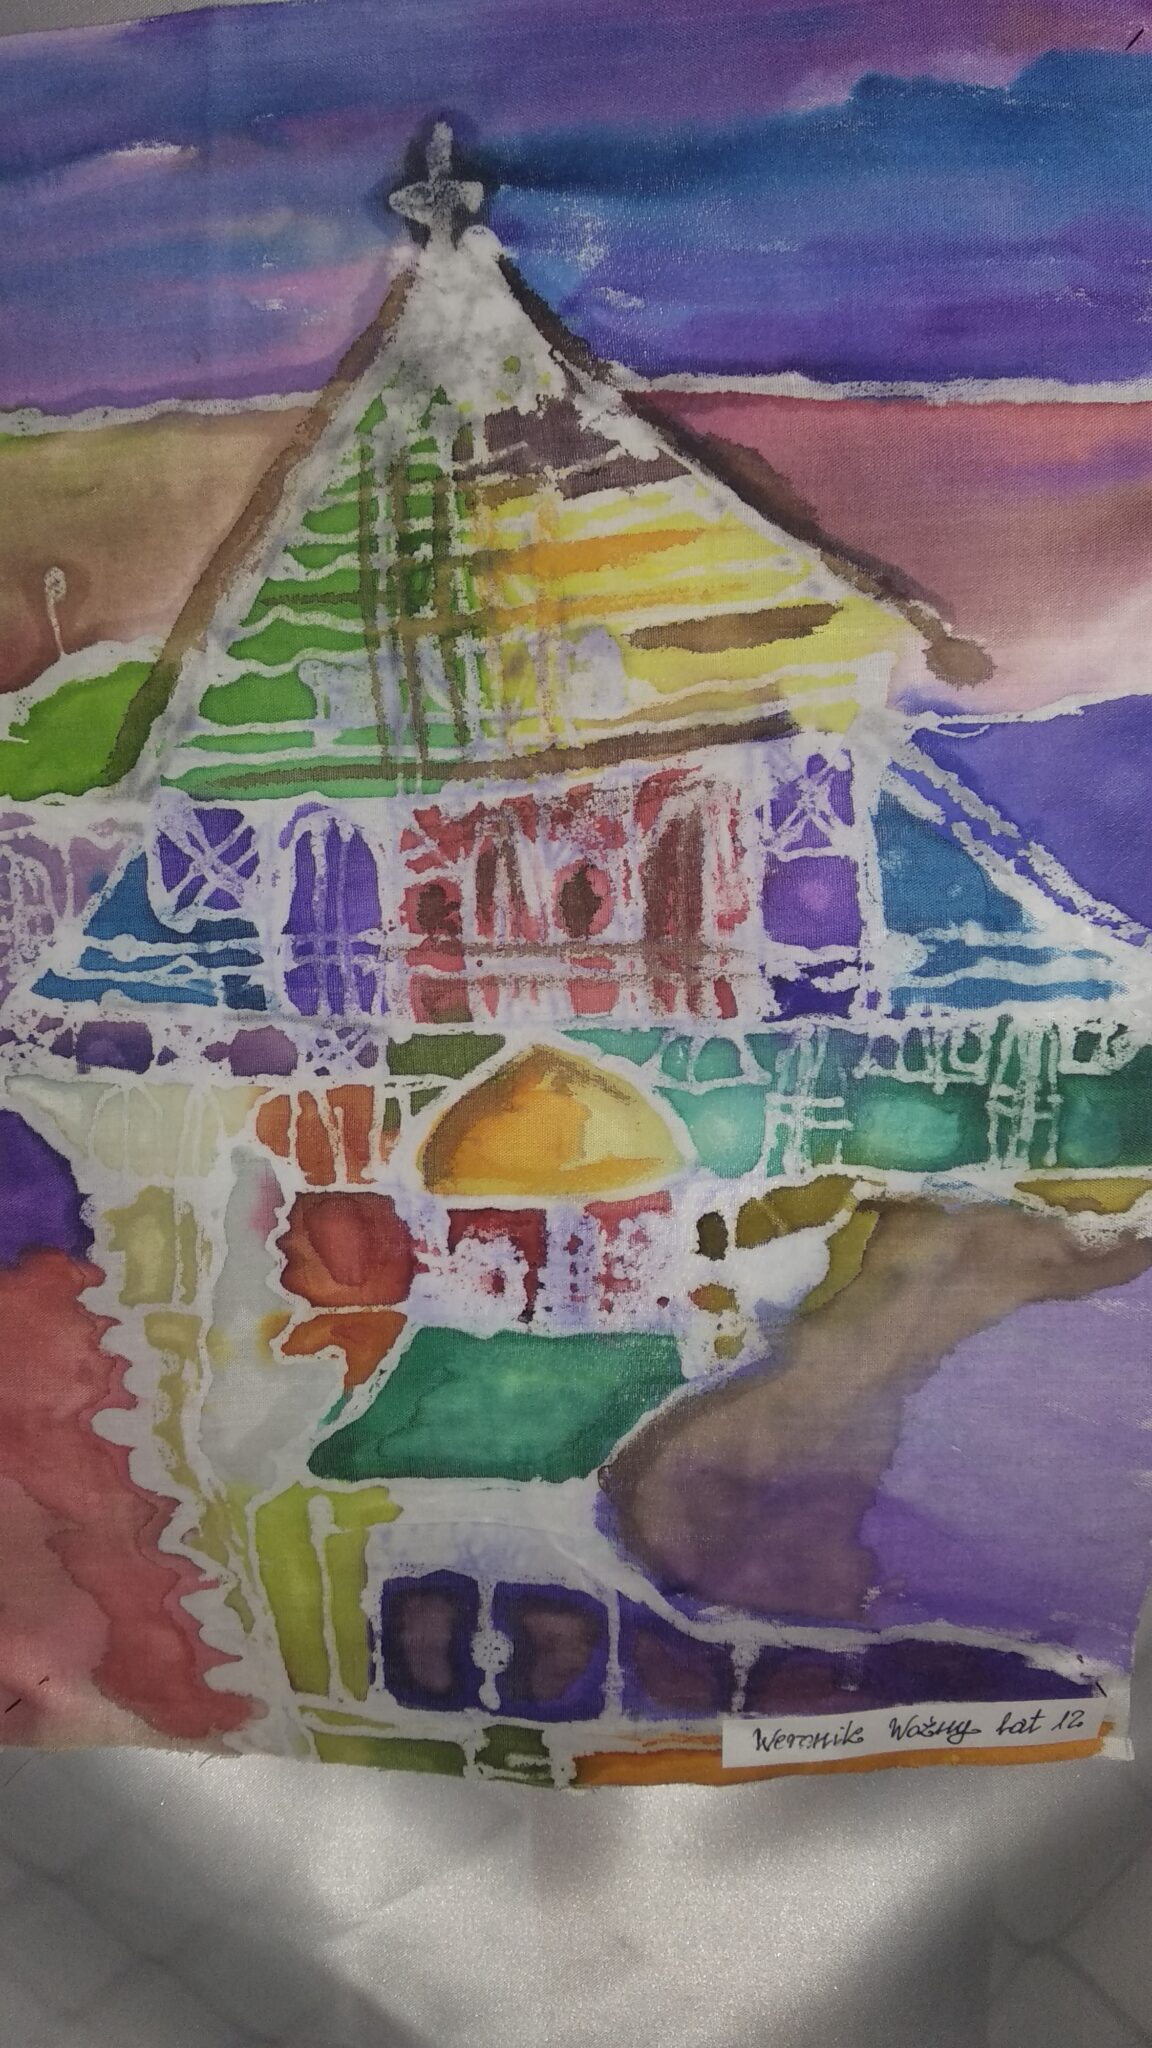 Wystawa Artystycznego Pleneru dla Dzieci i Młodzieży